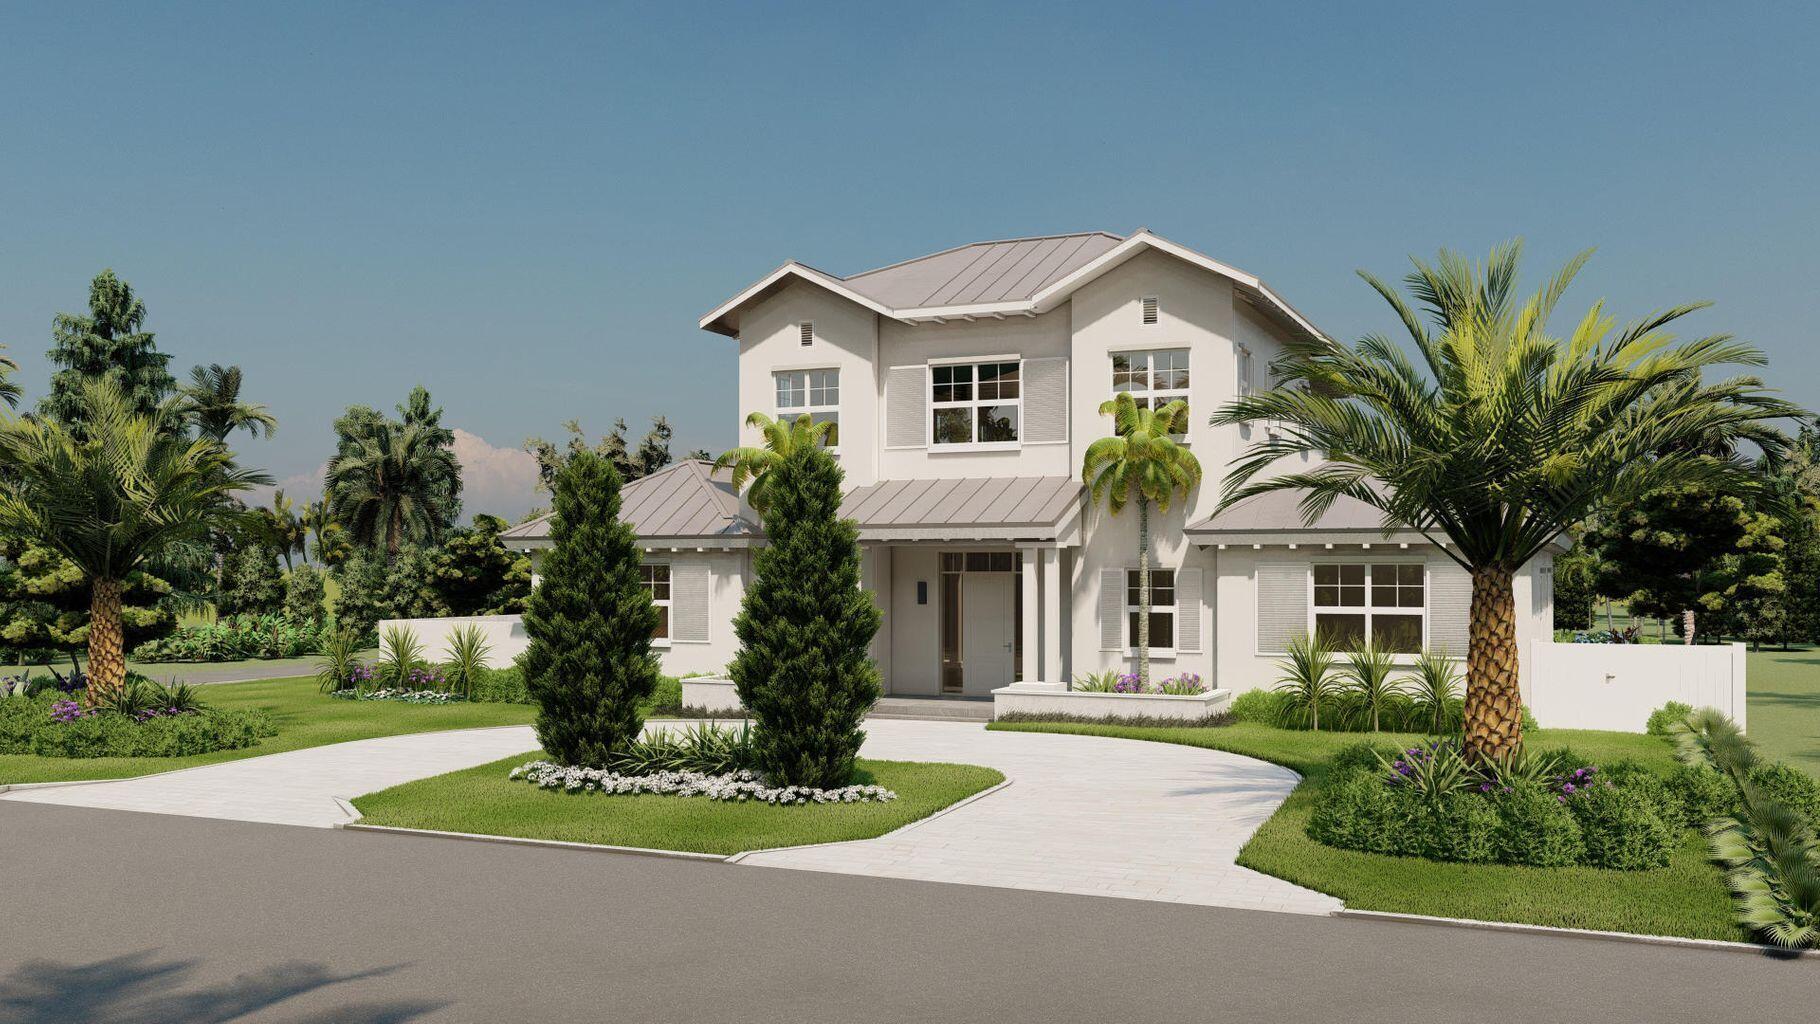 704 25th, Boynton Beach, Florida 33435